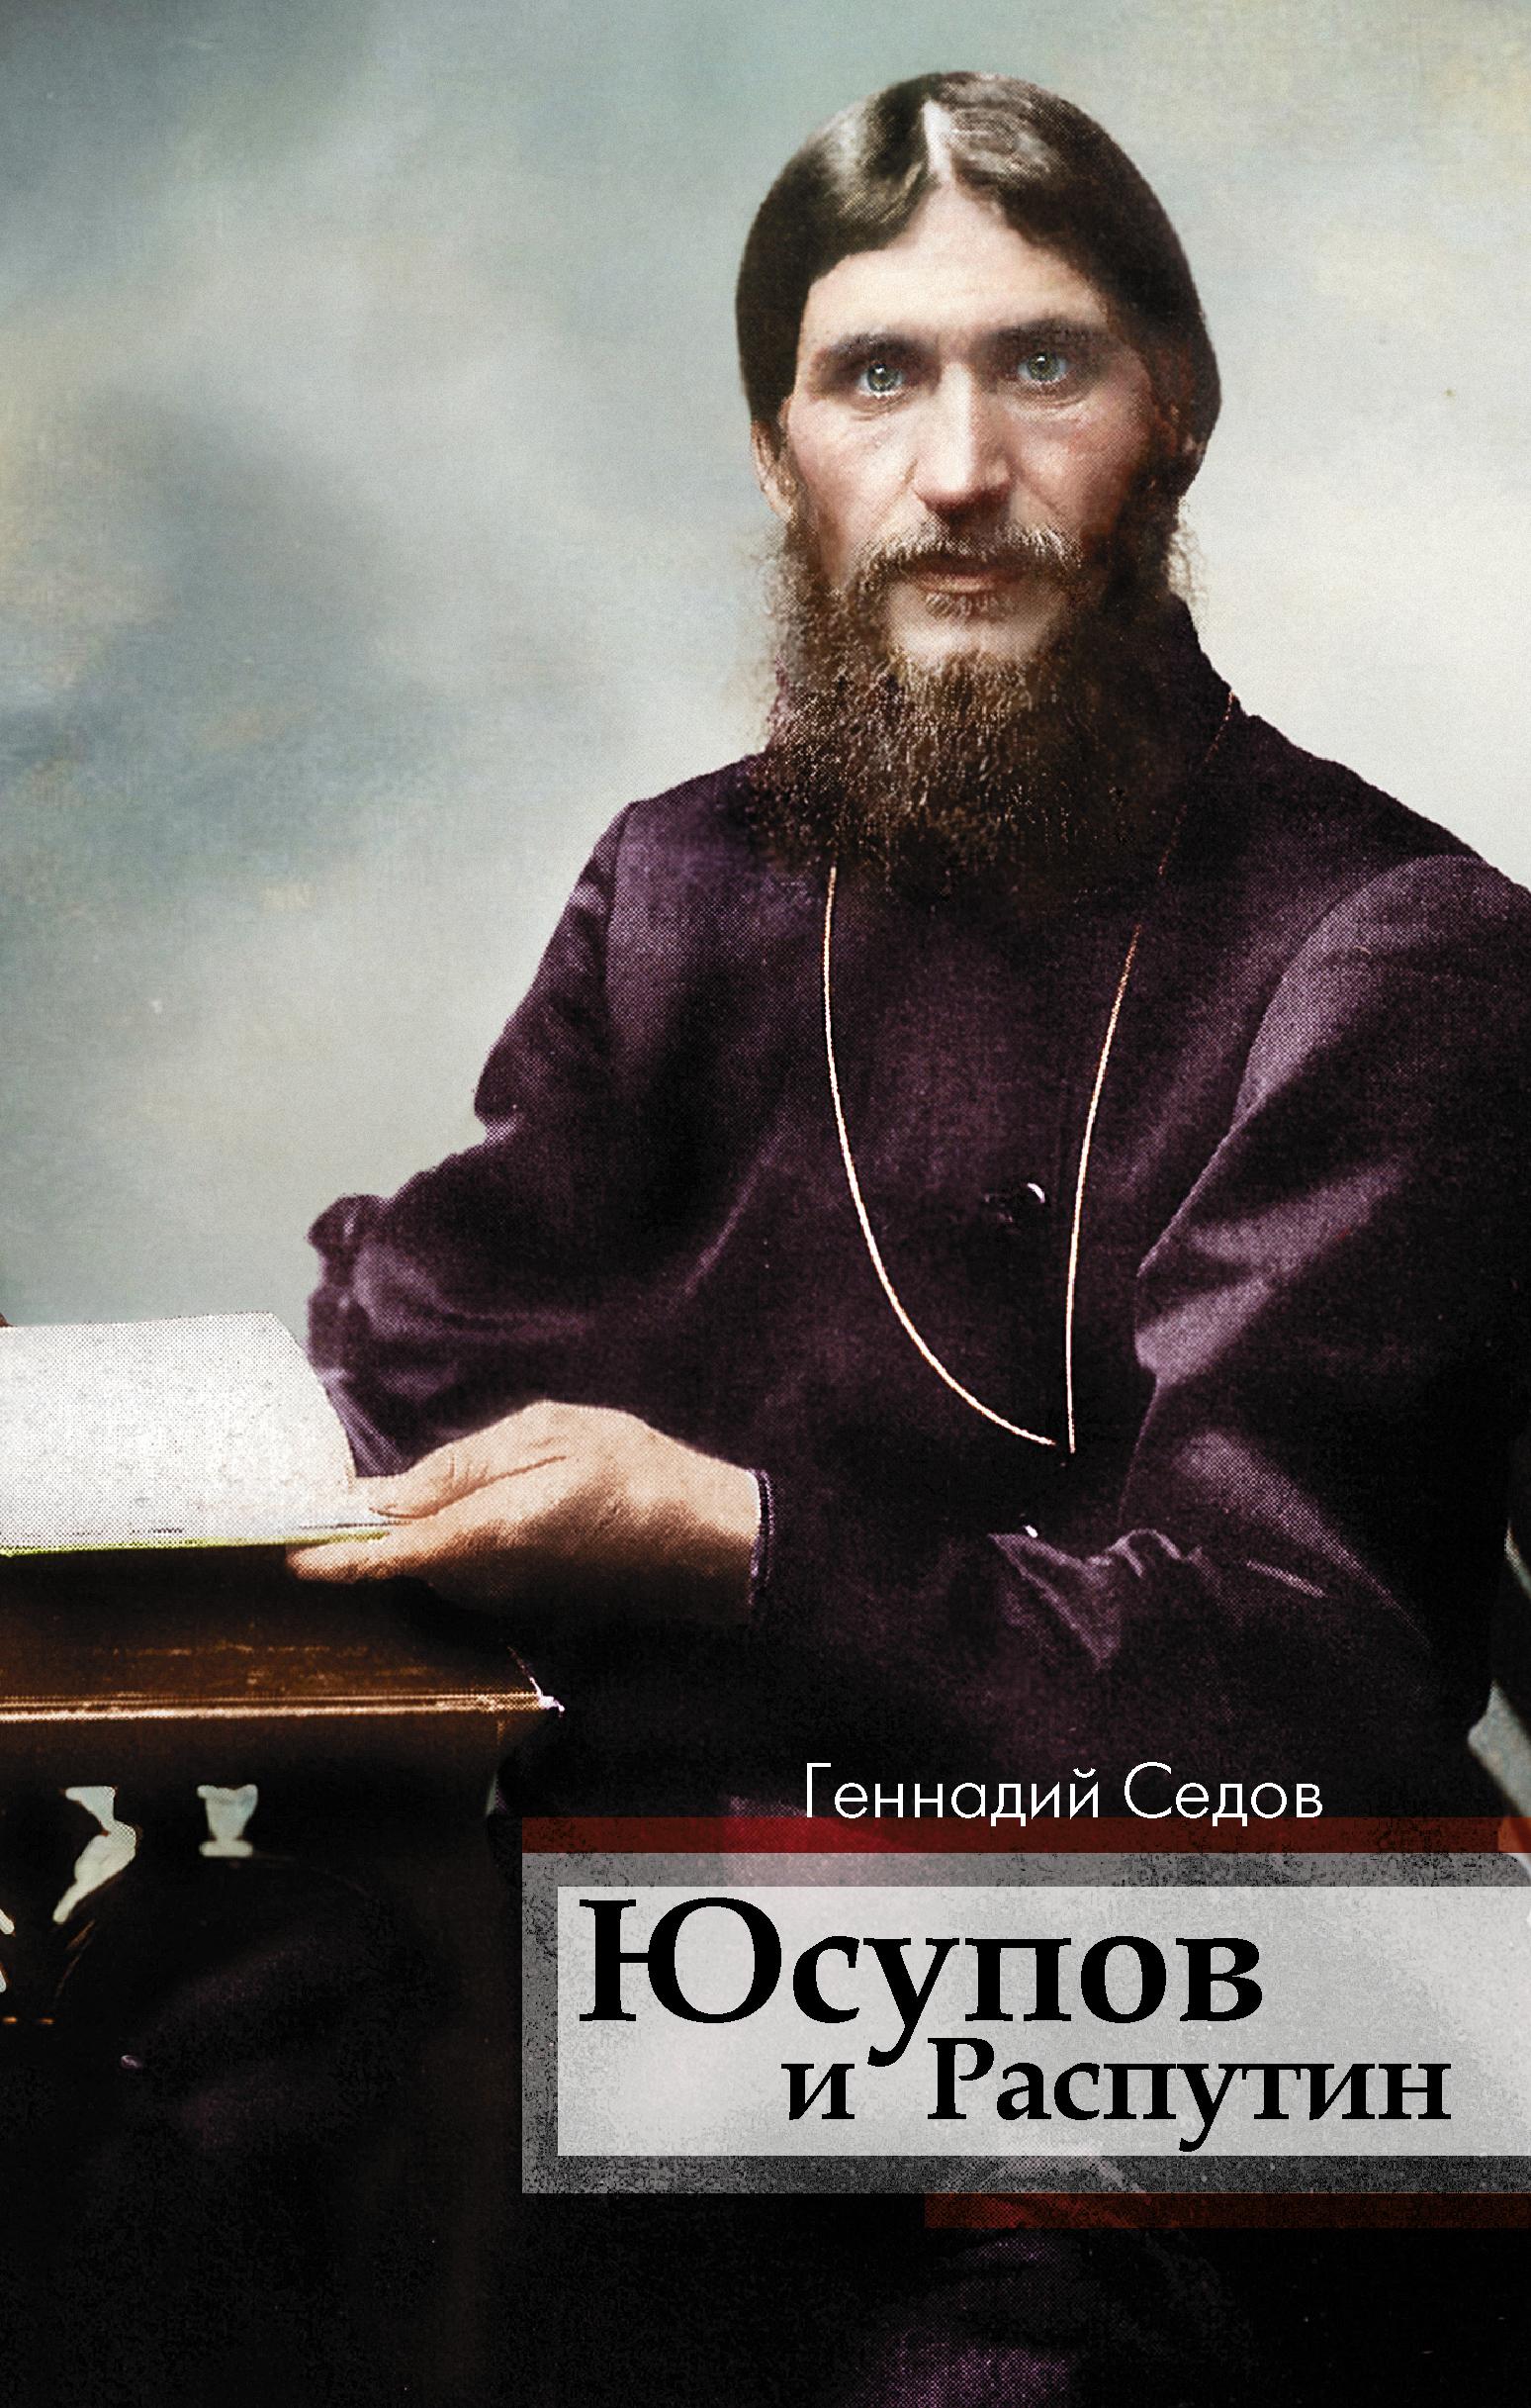 Геннадий Седов Юсупов и Распутин